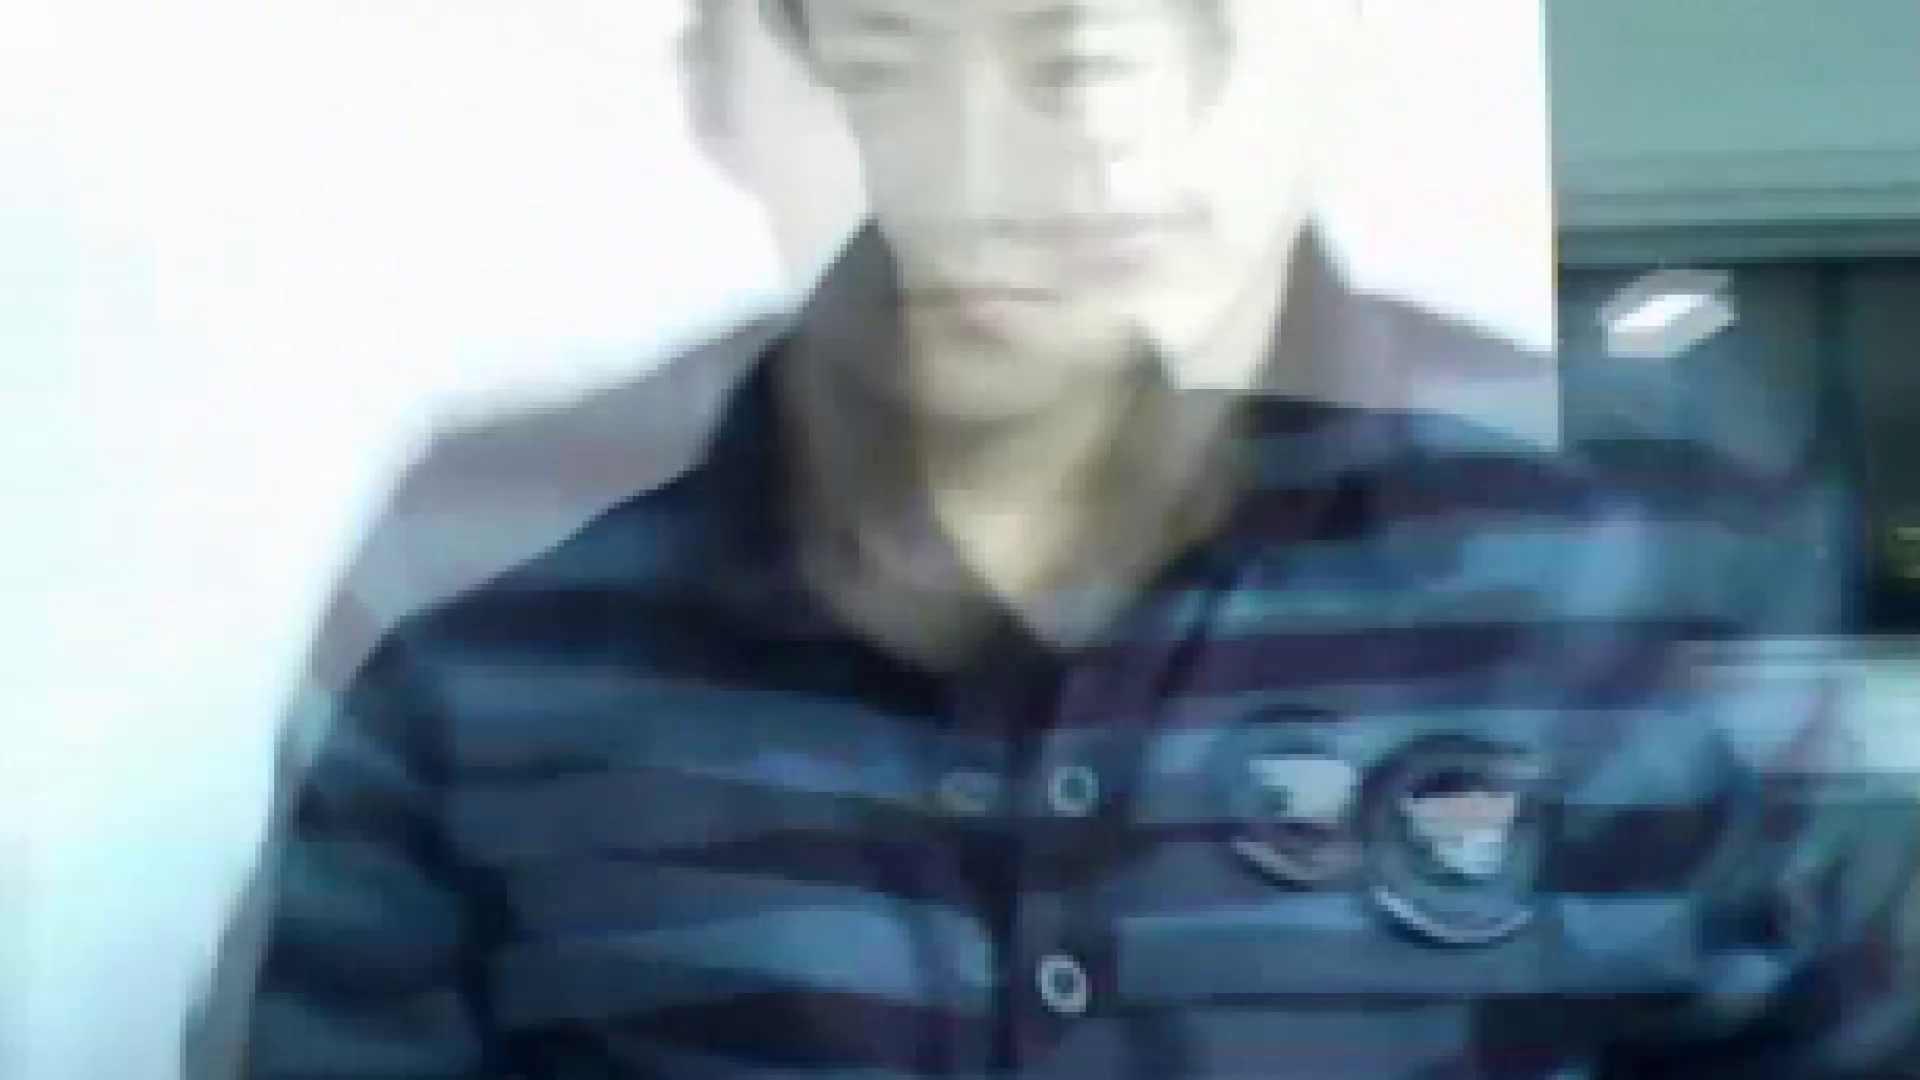 魅せろ!エロチャット!Vol.06 オナニー アダルトビデオ画像キャプチャ 101枚 7